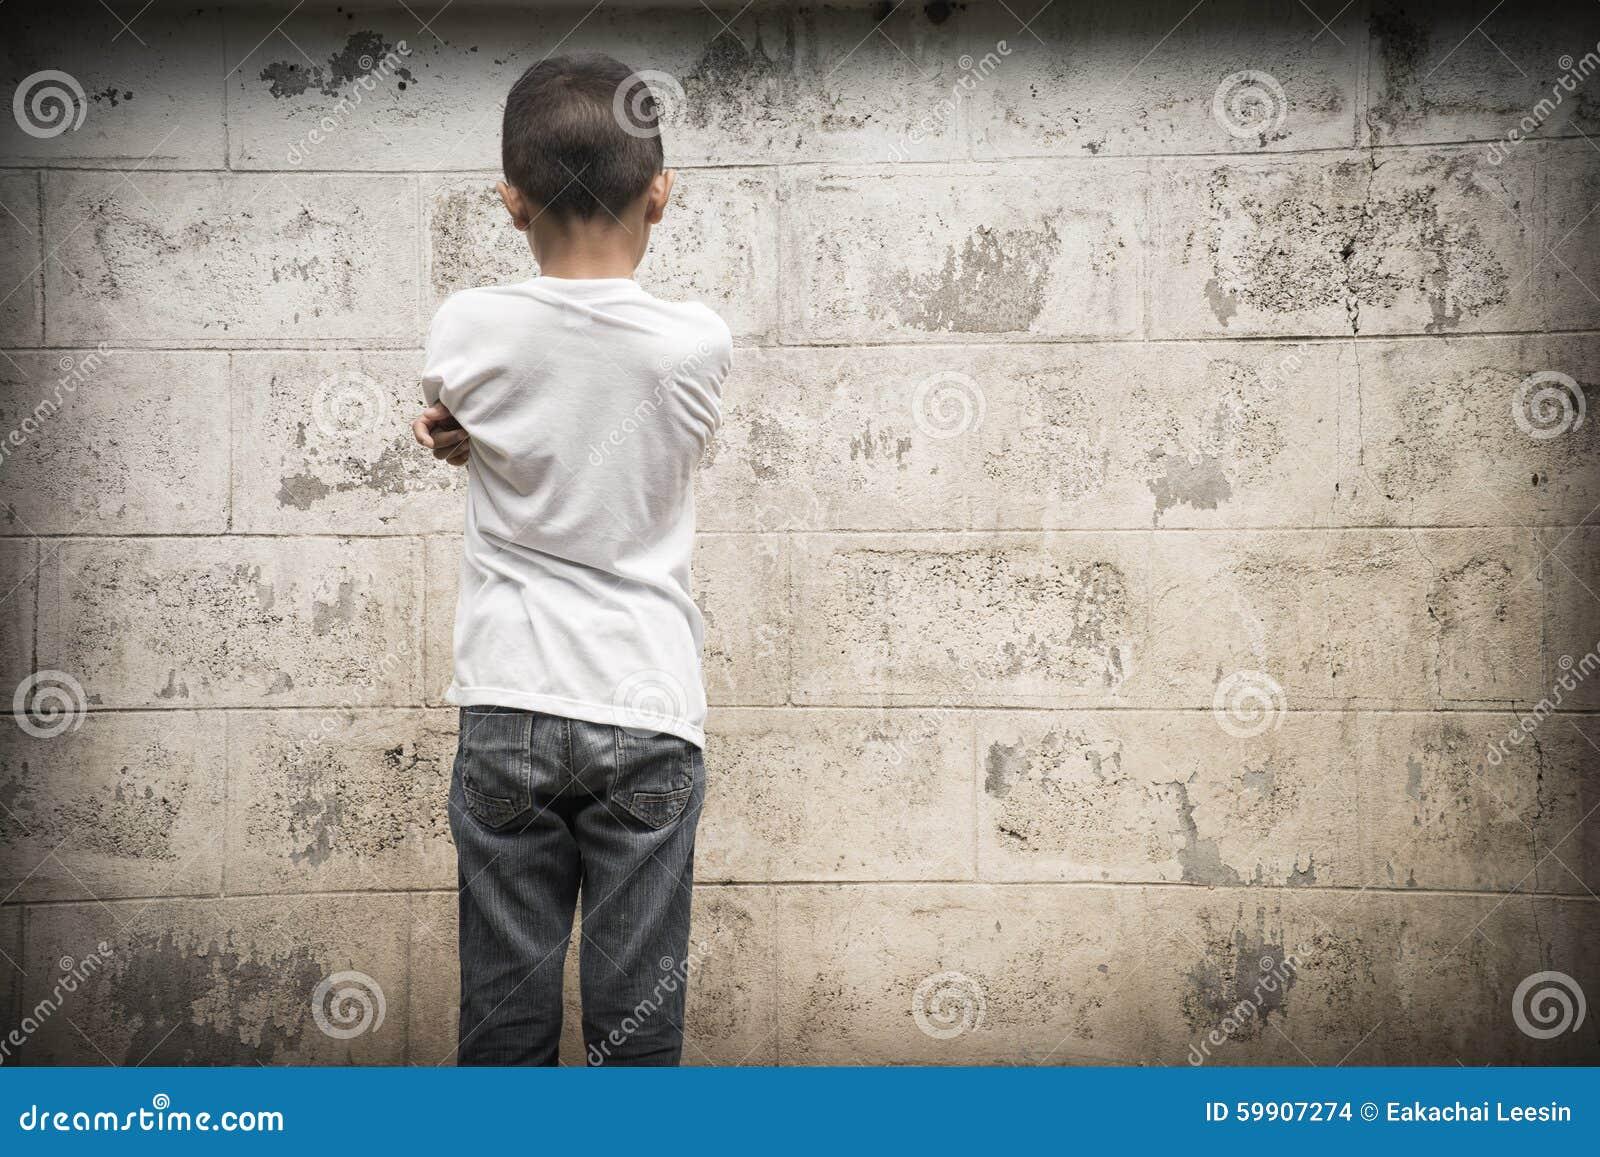 Σωματική κακοποίηση, παιδί που φοβάται και μόνο